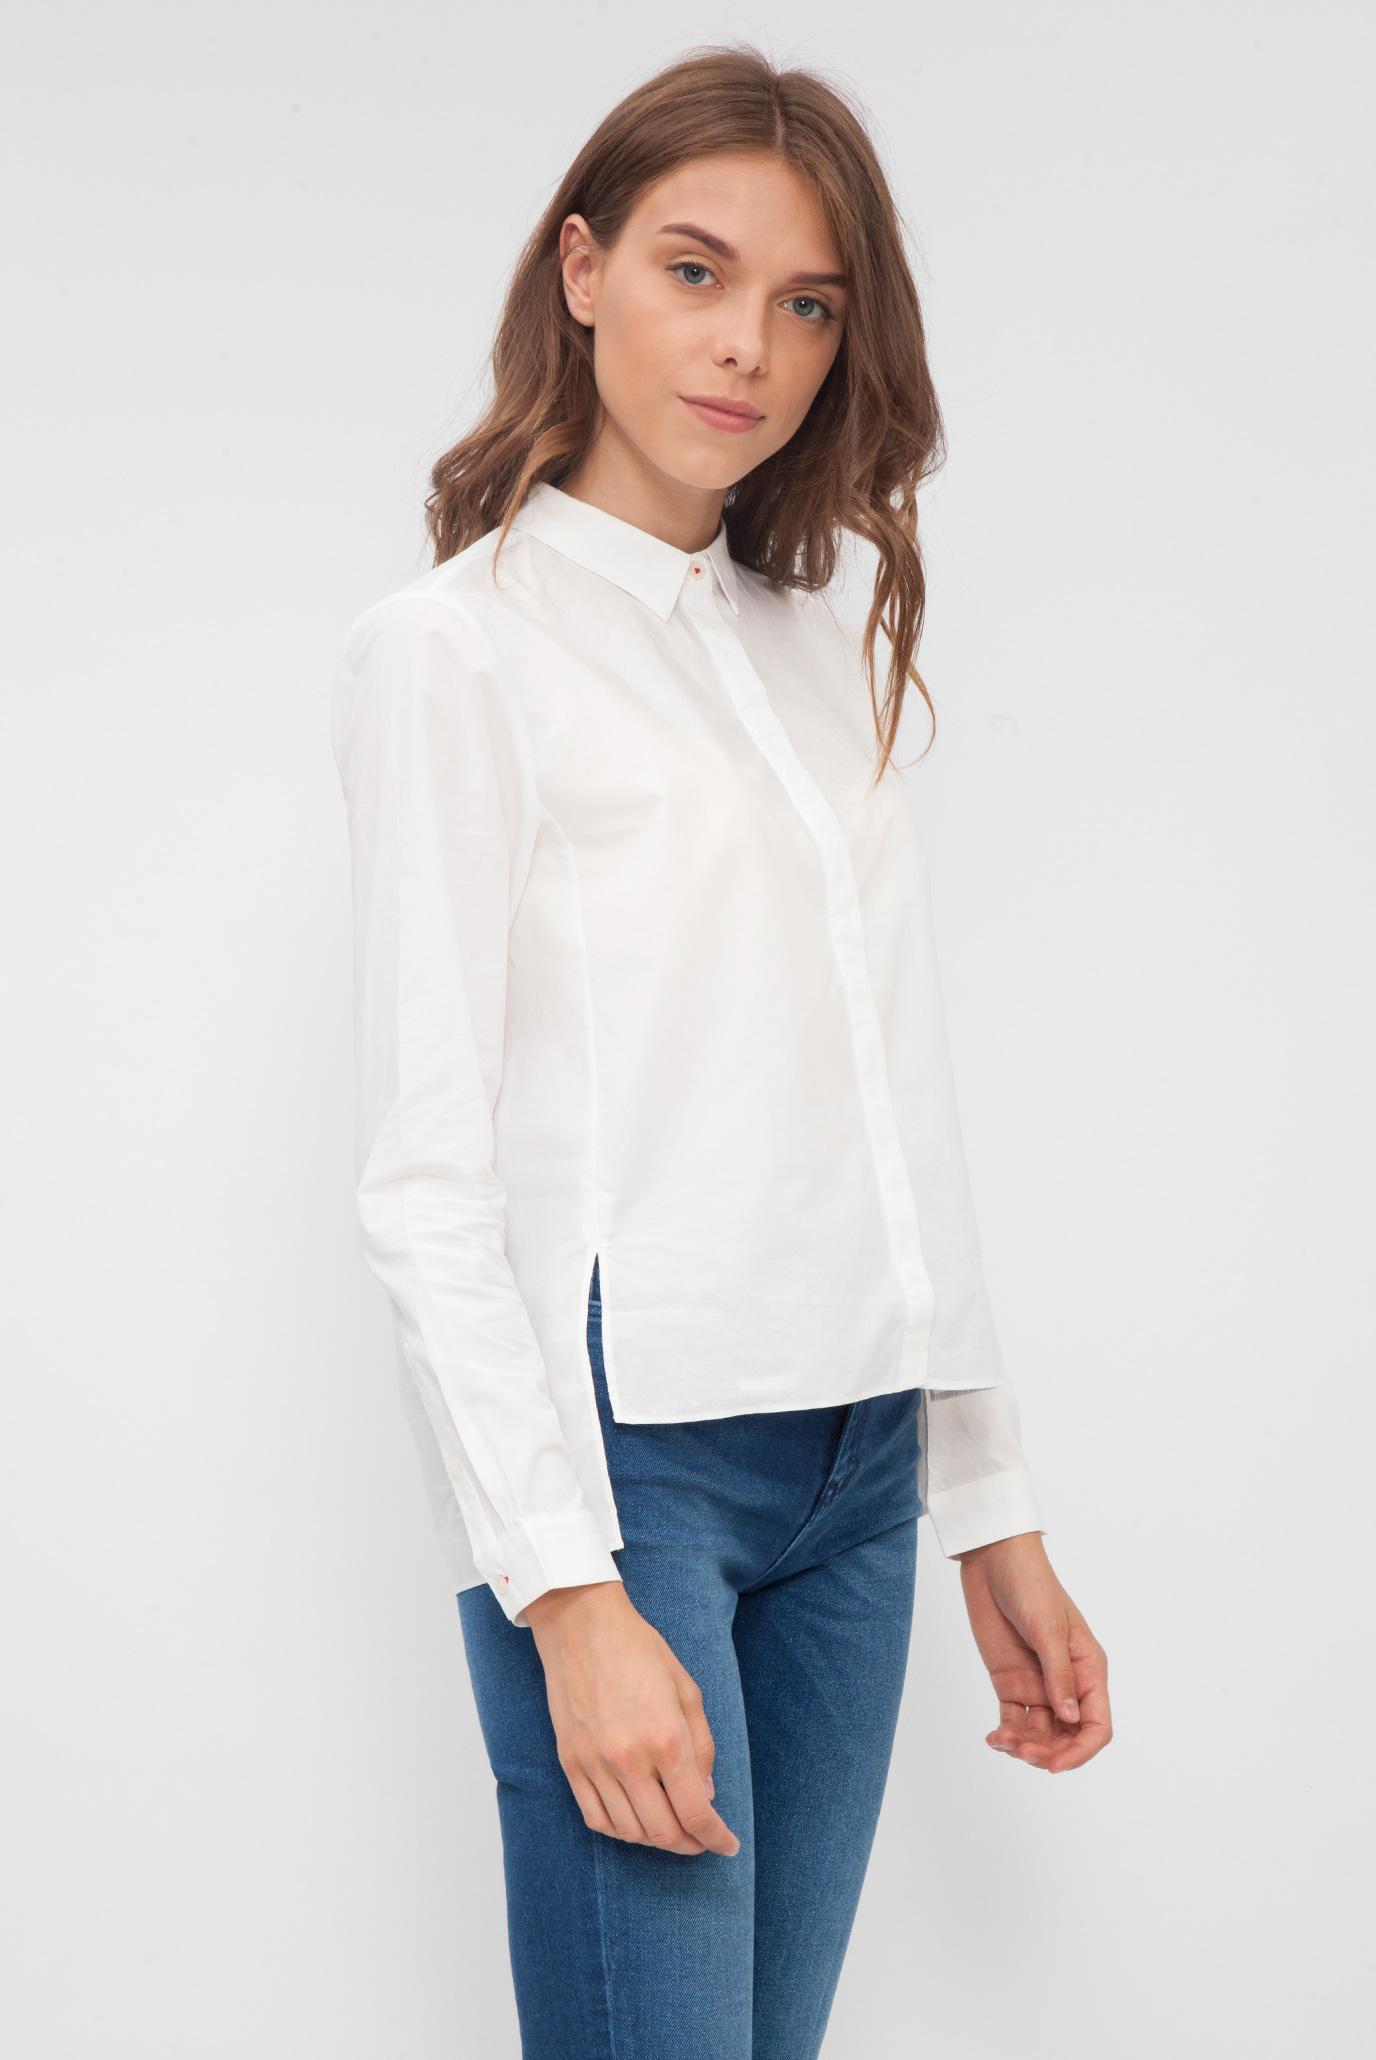 a3ddbe164c7 Купить Женская белая рубашка Tommy Hilfiger Tommy Hilfiger DW0DW02567 –  Киев